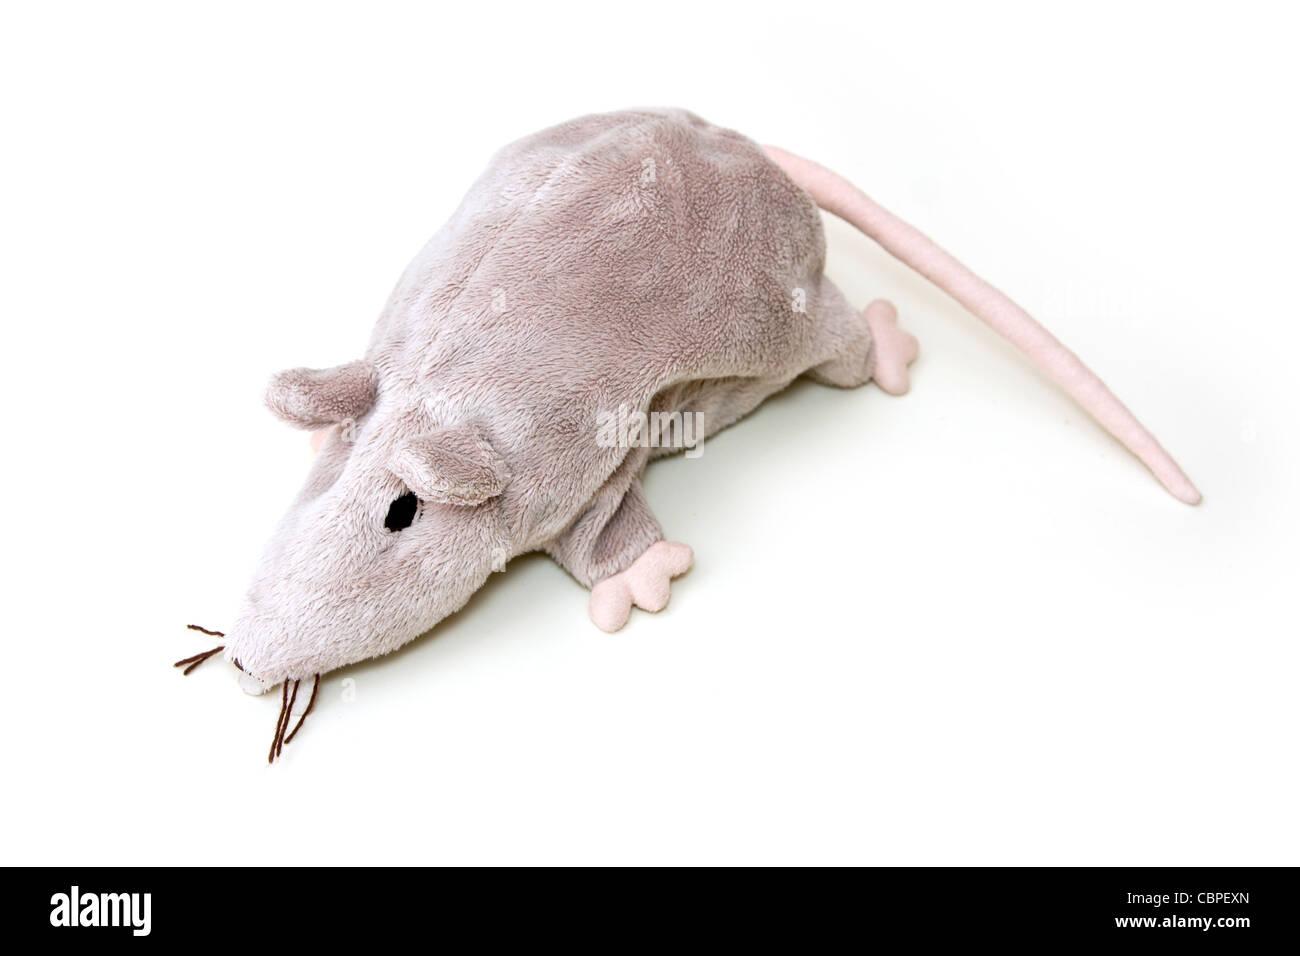 Toy rat - Stock Image